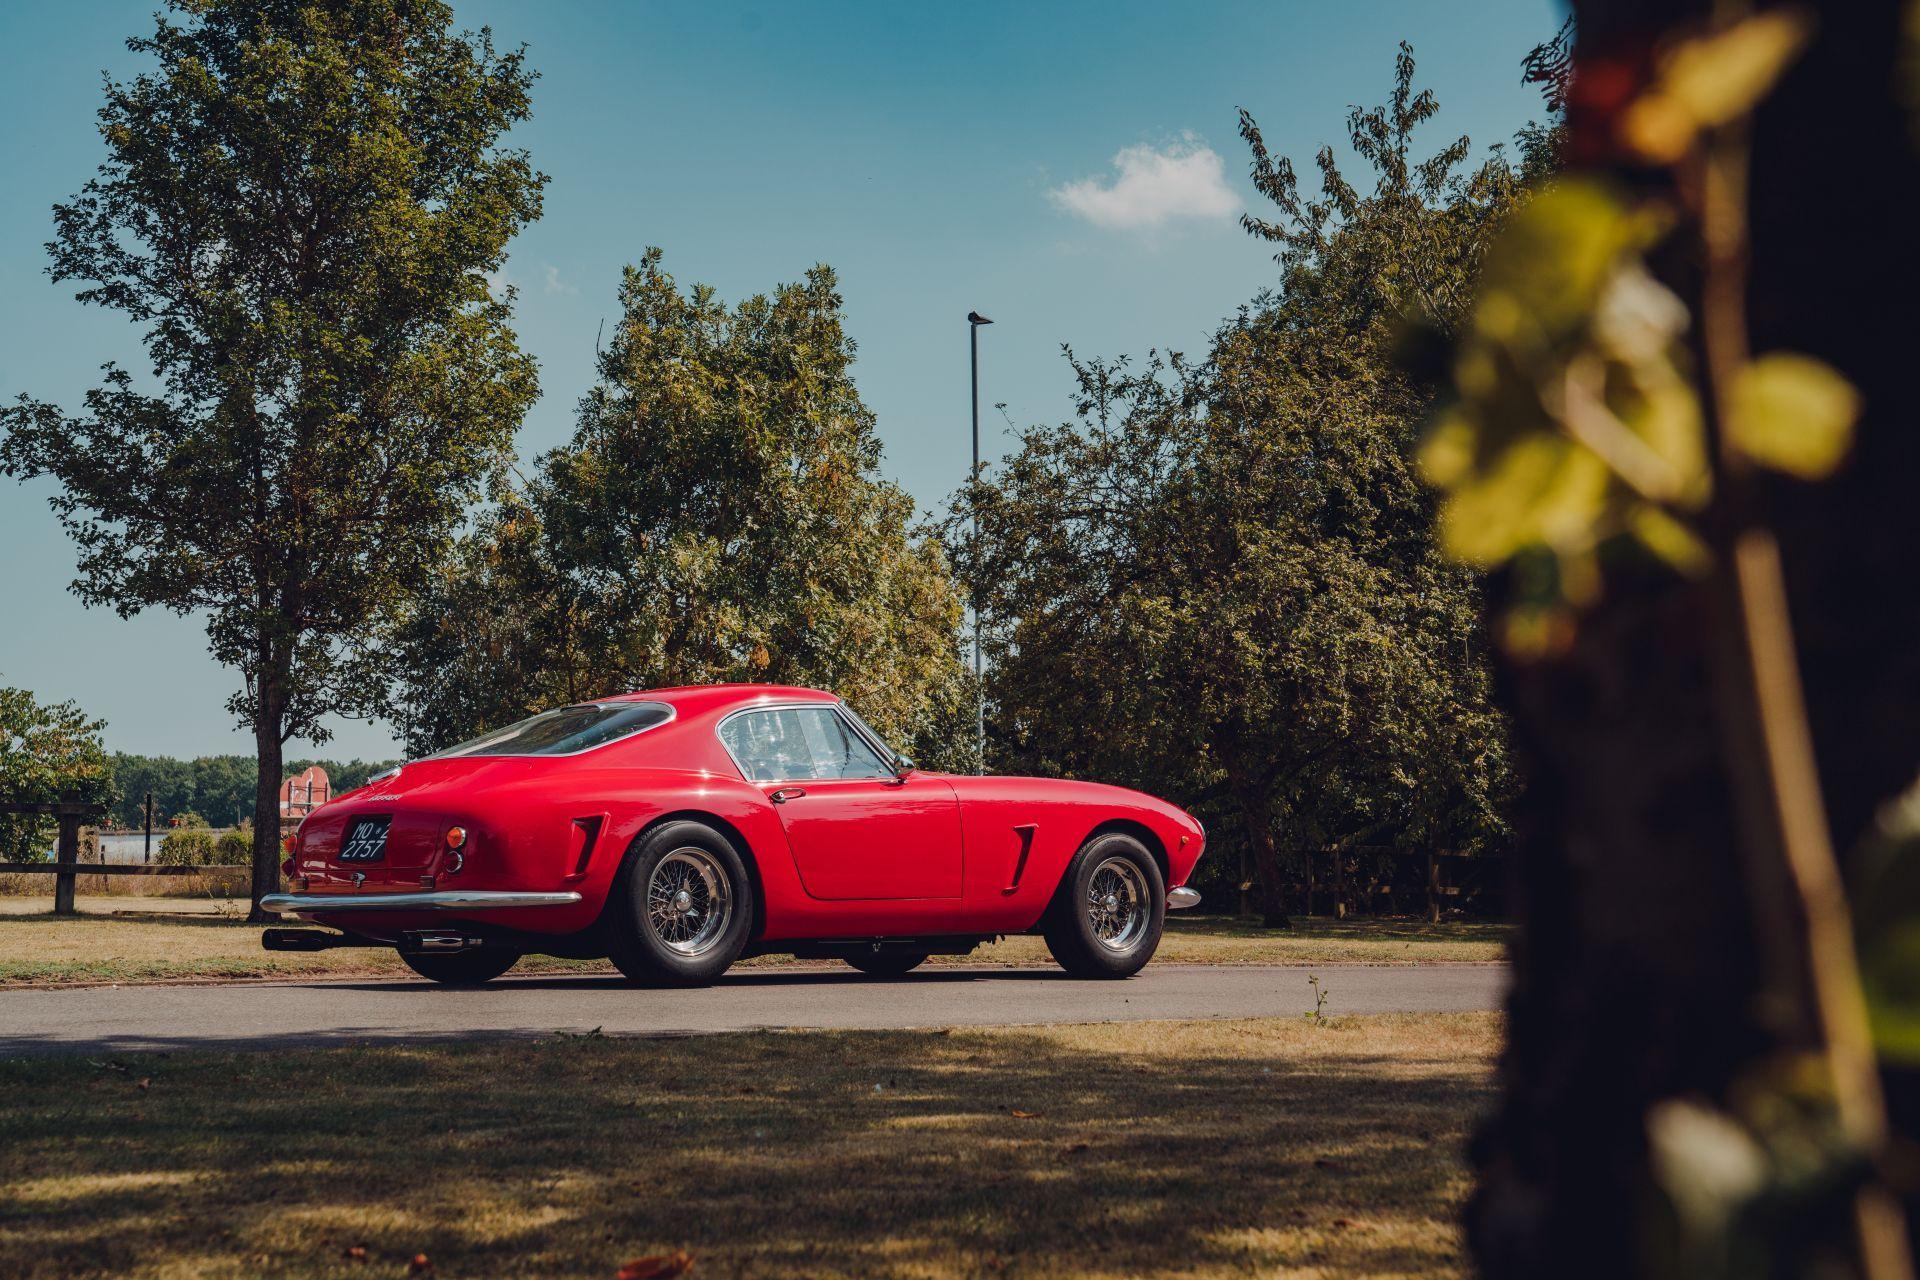 Ferrari-250-GT-SWB-Berlinetta-Competizione-Revival-by-GTO-Engineering-39